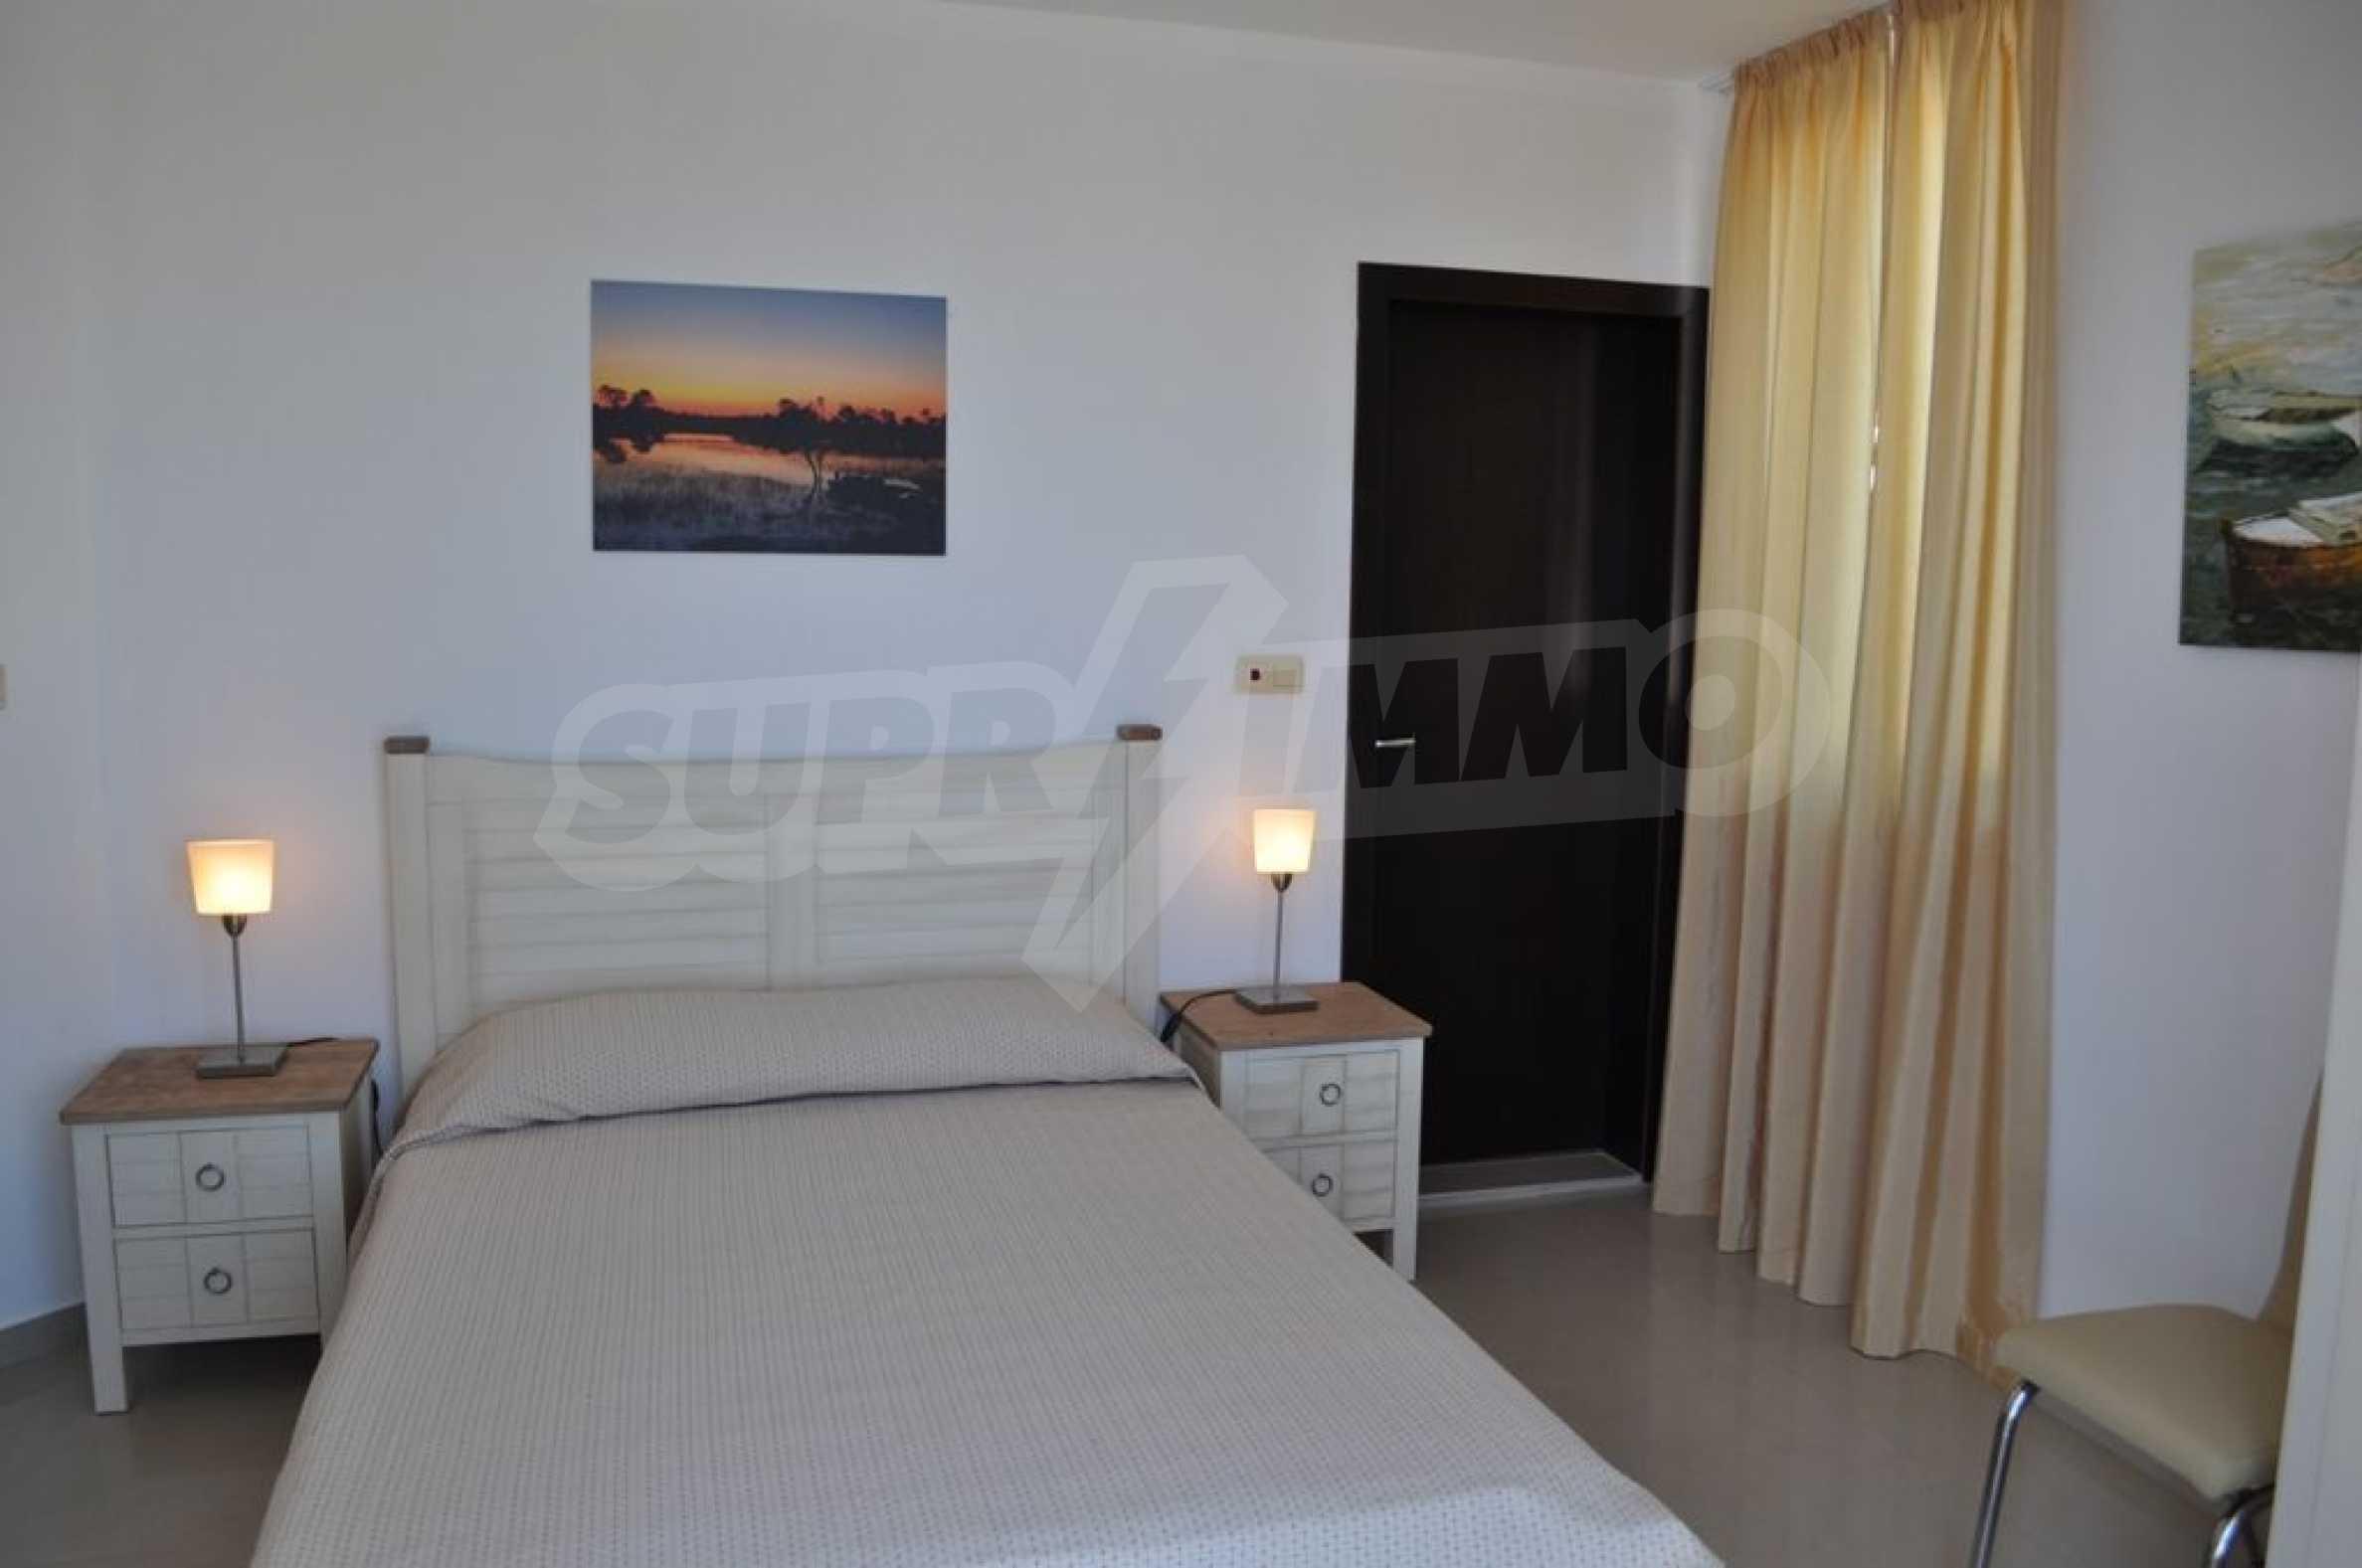 Luxusvilla mit 4 Schlafzimmern zu vermieten in der Nähe des Resorts. Albena 12